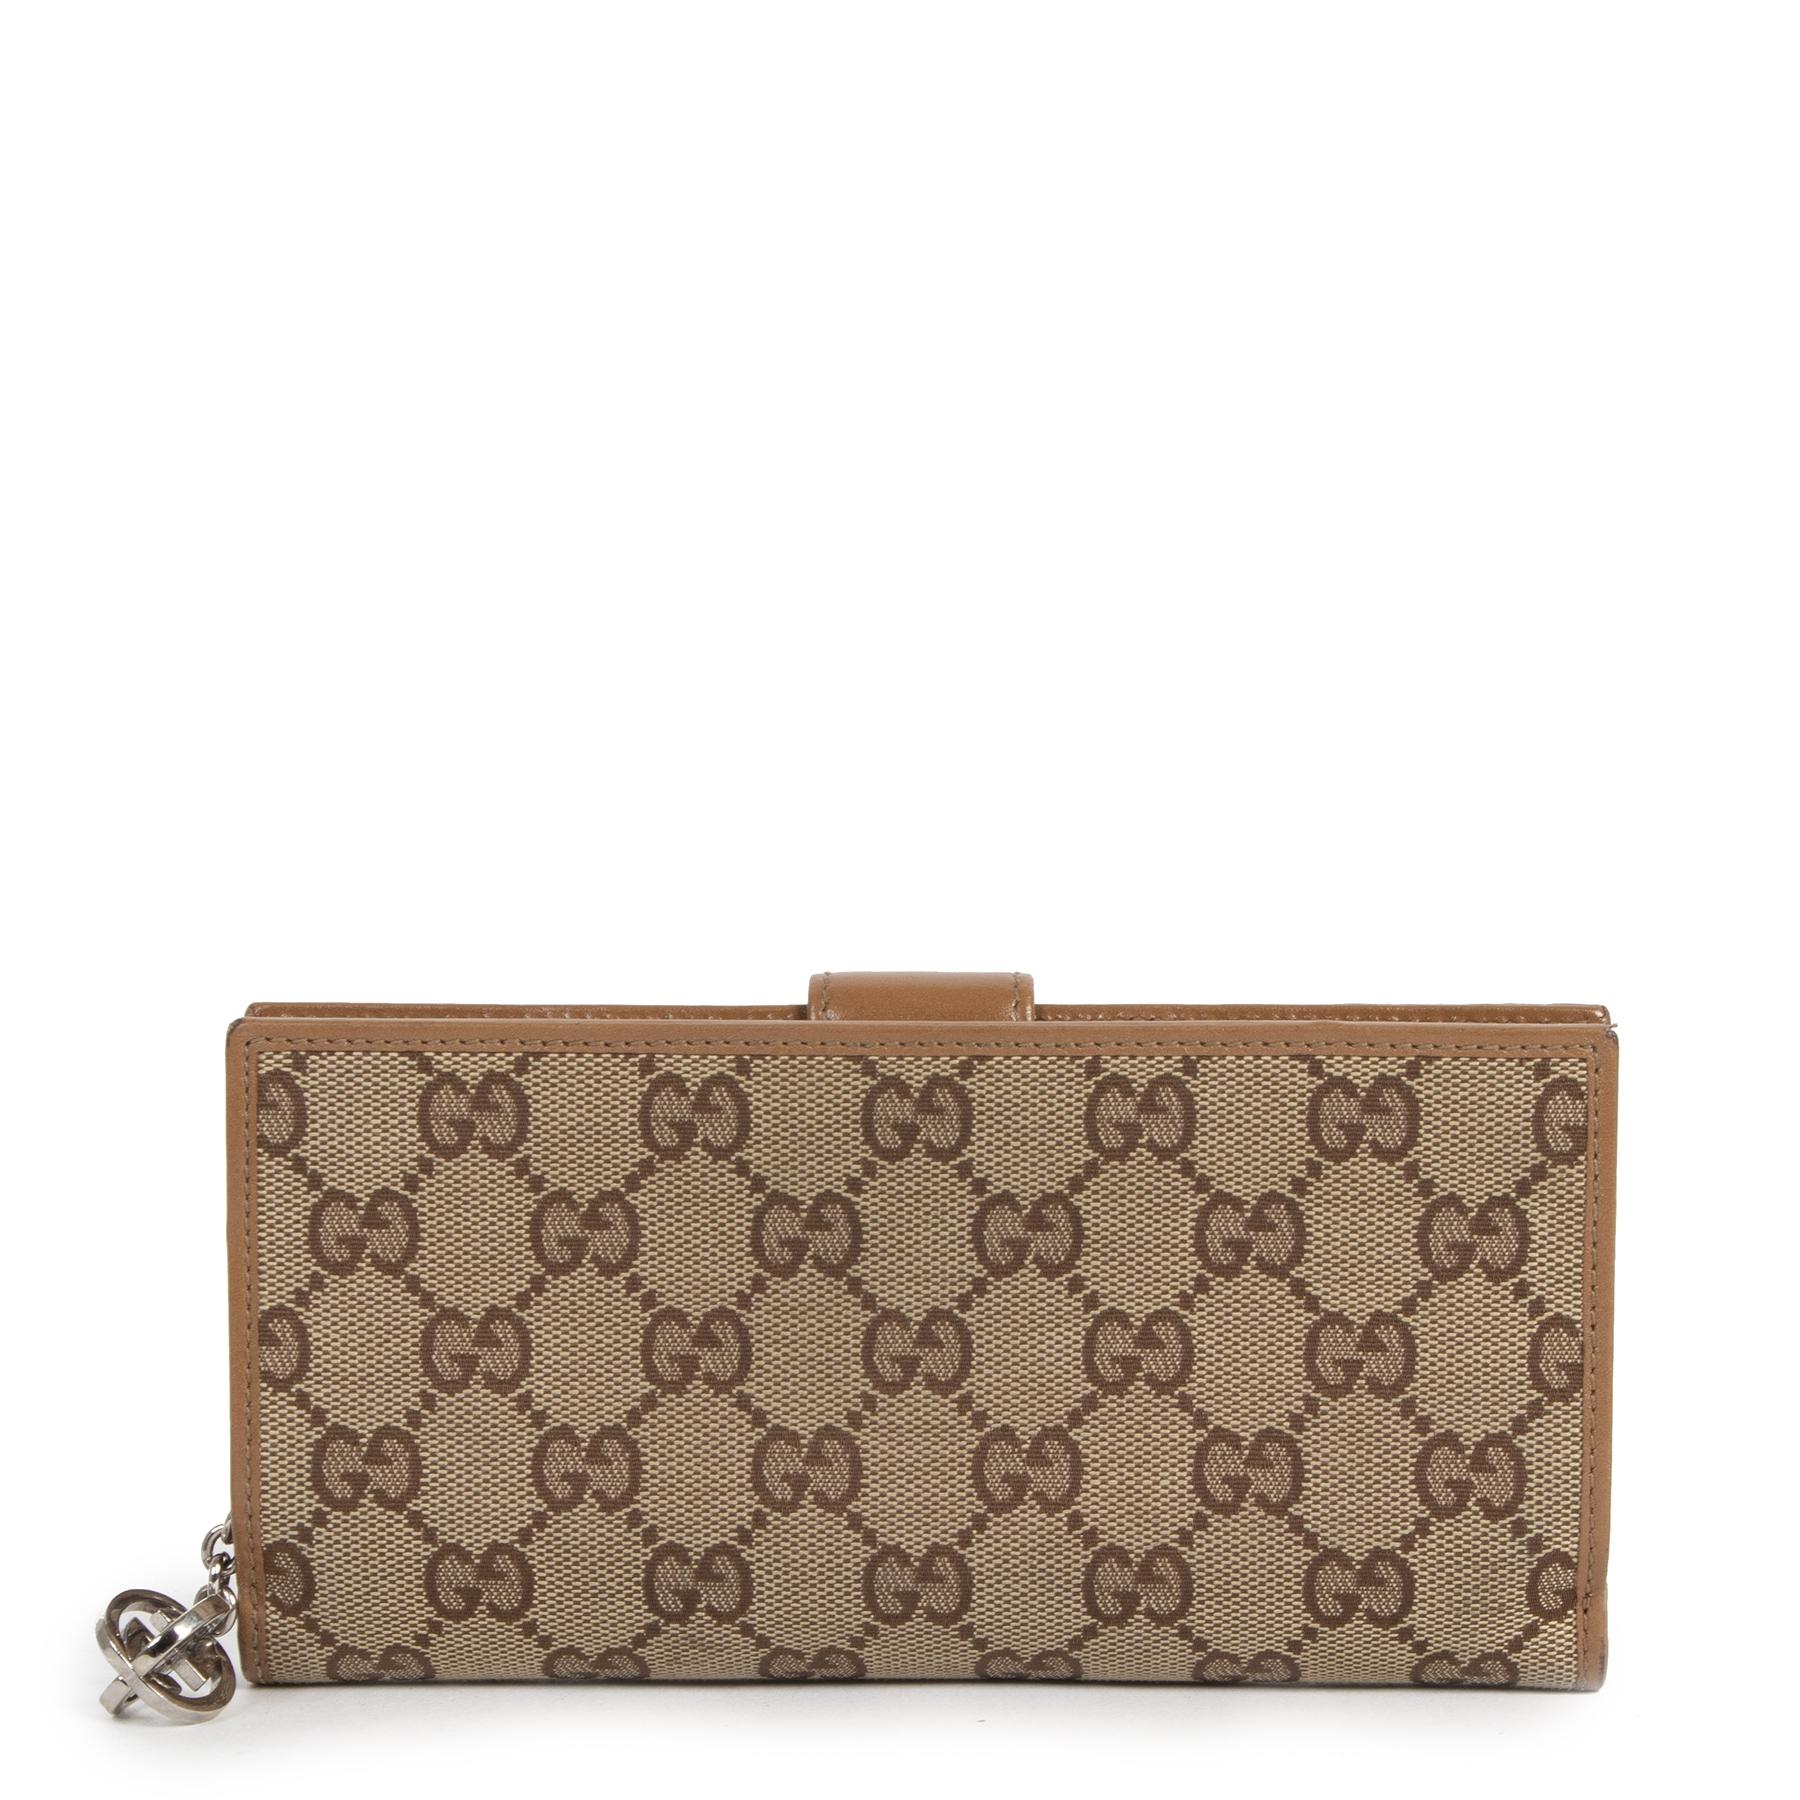 Koop veilig online authentieke tweedehands Gucci portefeuilles met de juiste prijs bij LabelLOV.